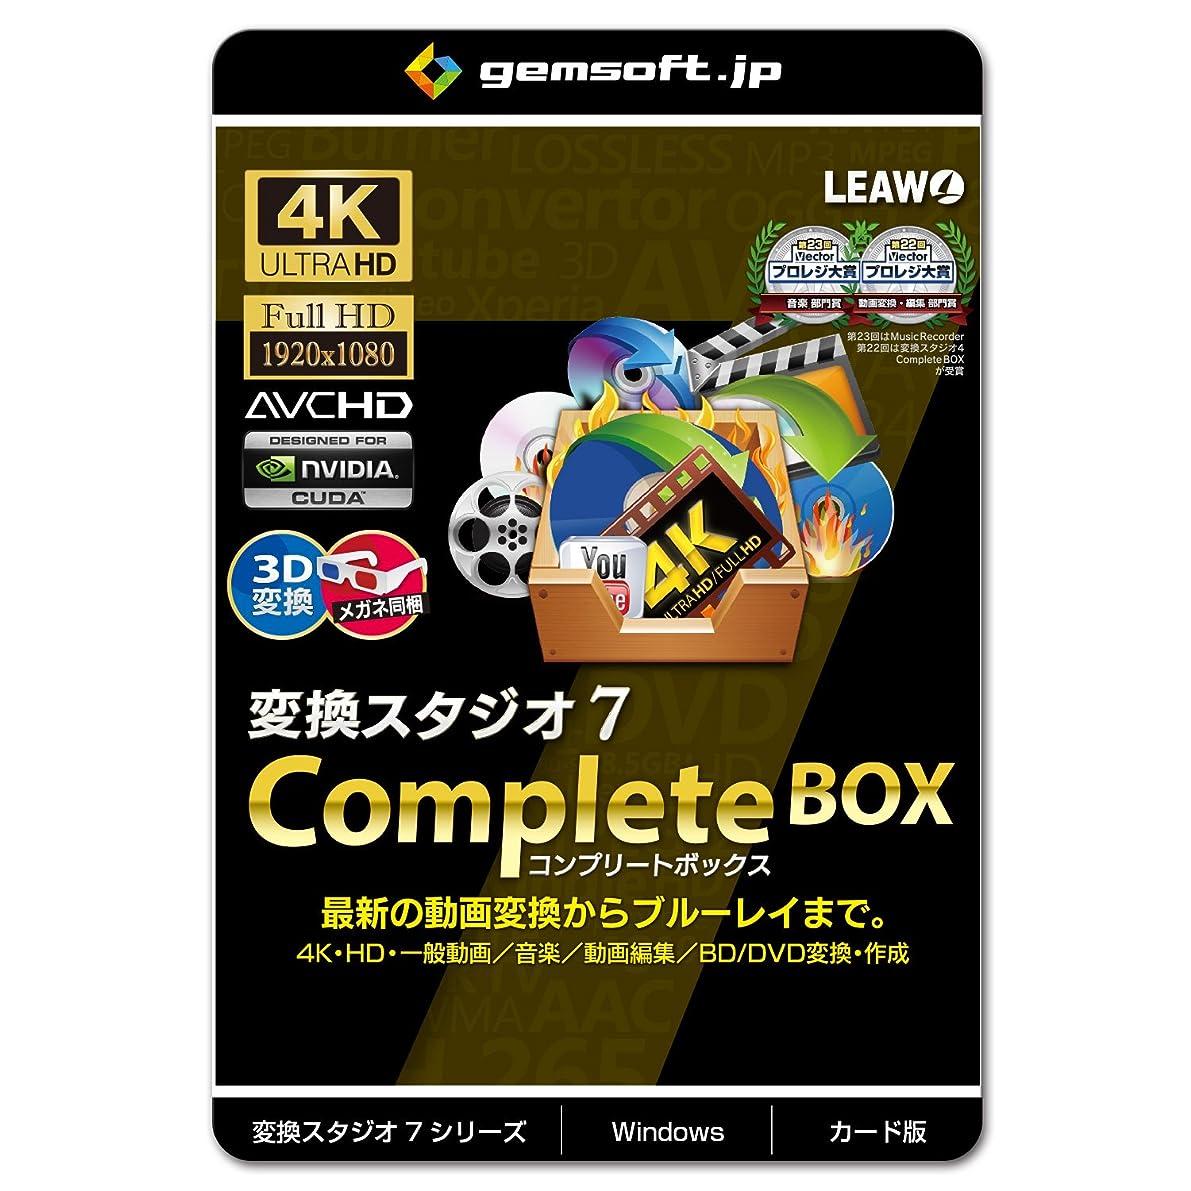 切り離すフェリーフレキシブル変換スタジオ7 CompleteBOX   変換スタジオ7シリーズ   カード版   Win対応